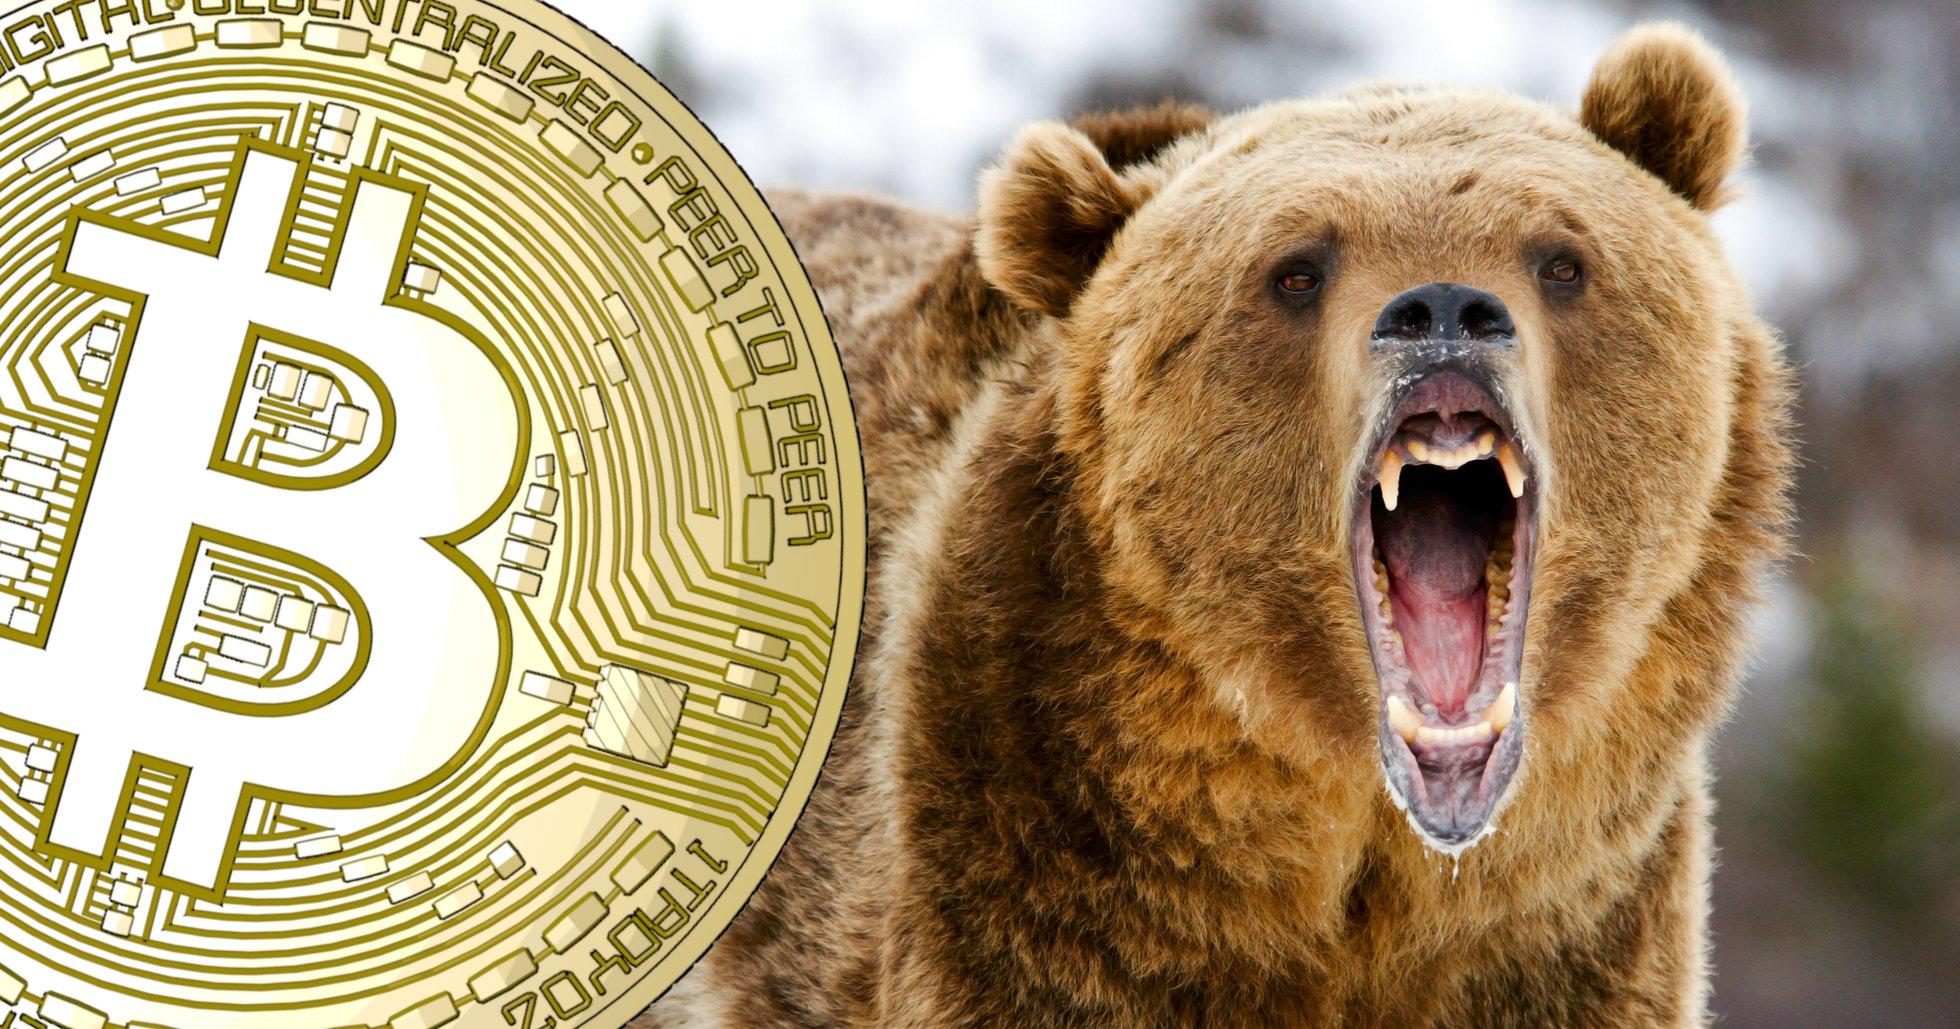 Bitcoinpriset faller under 8 000 dollar – har sjunkit 42 procent sedan årshögsta.